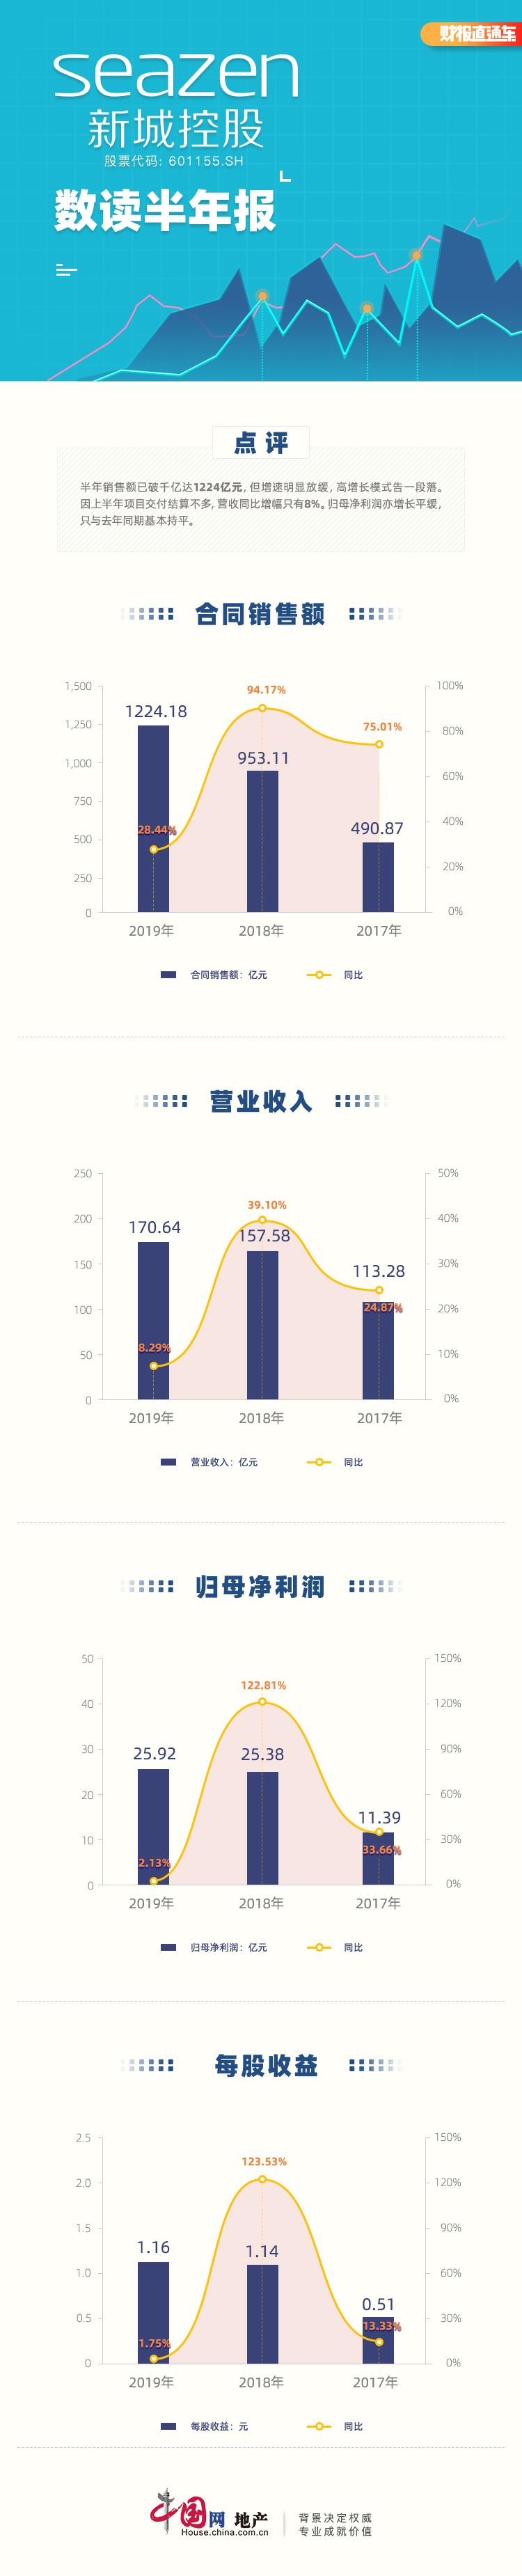 數讀半年報|新城控股:銷售額破千億 歸母凈利潤微增-中國網地産